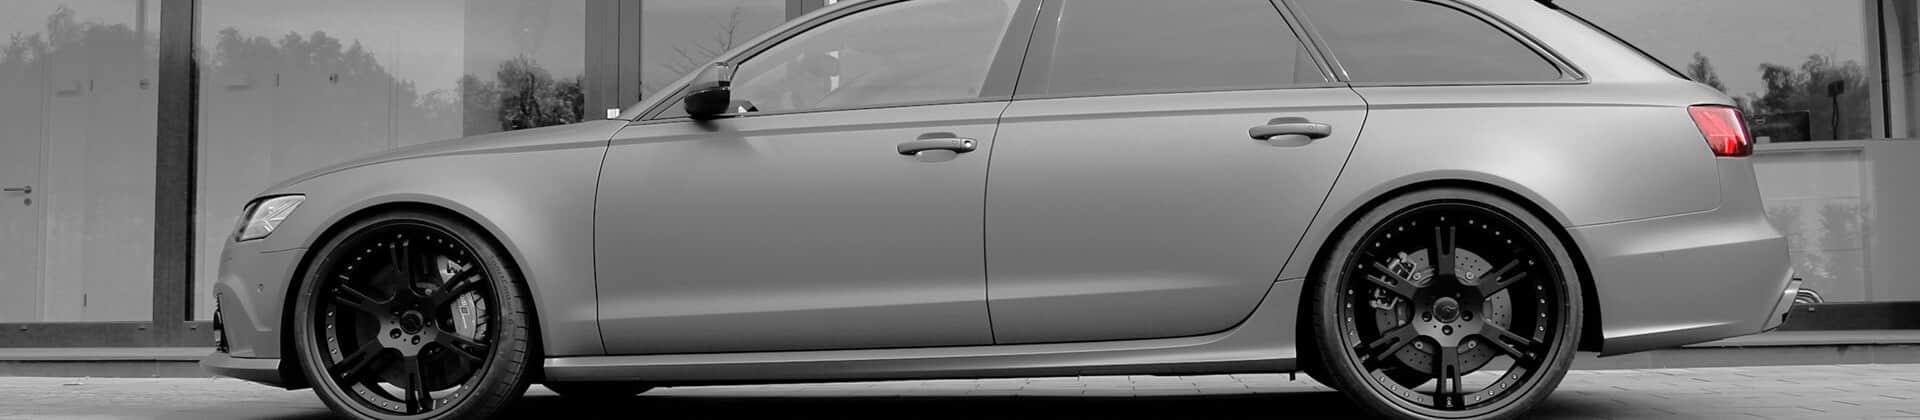 Auspuffanlage Audi RS6 Klappensteuerung